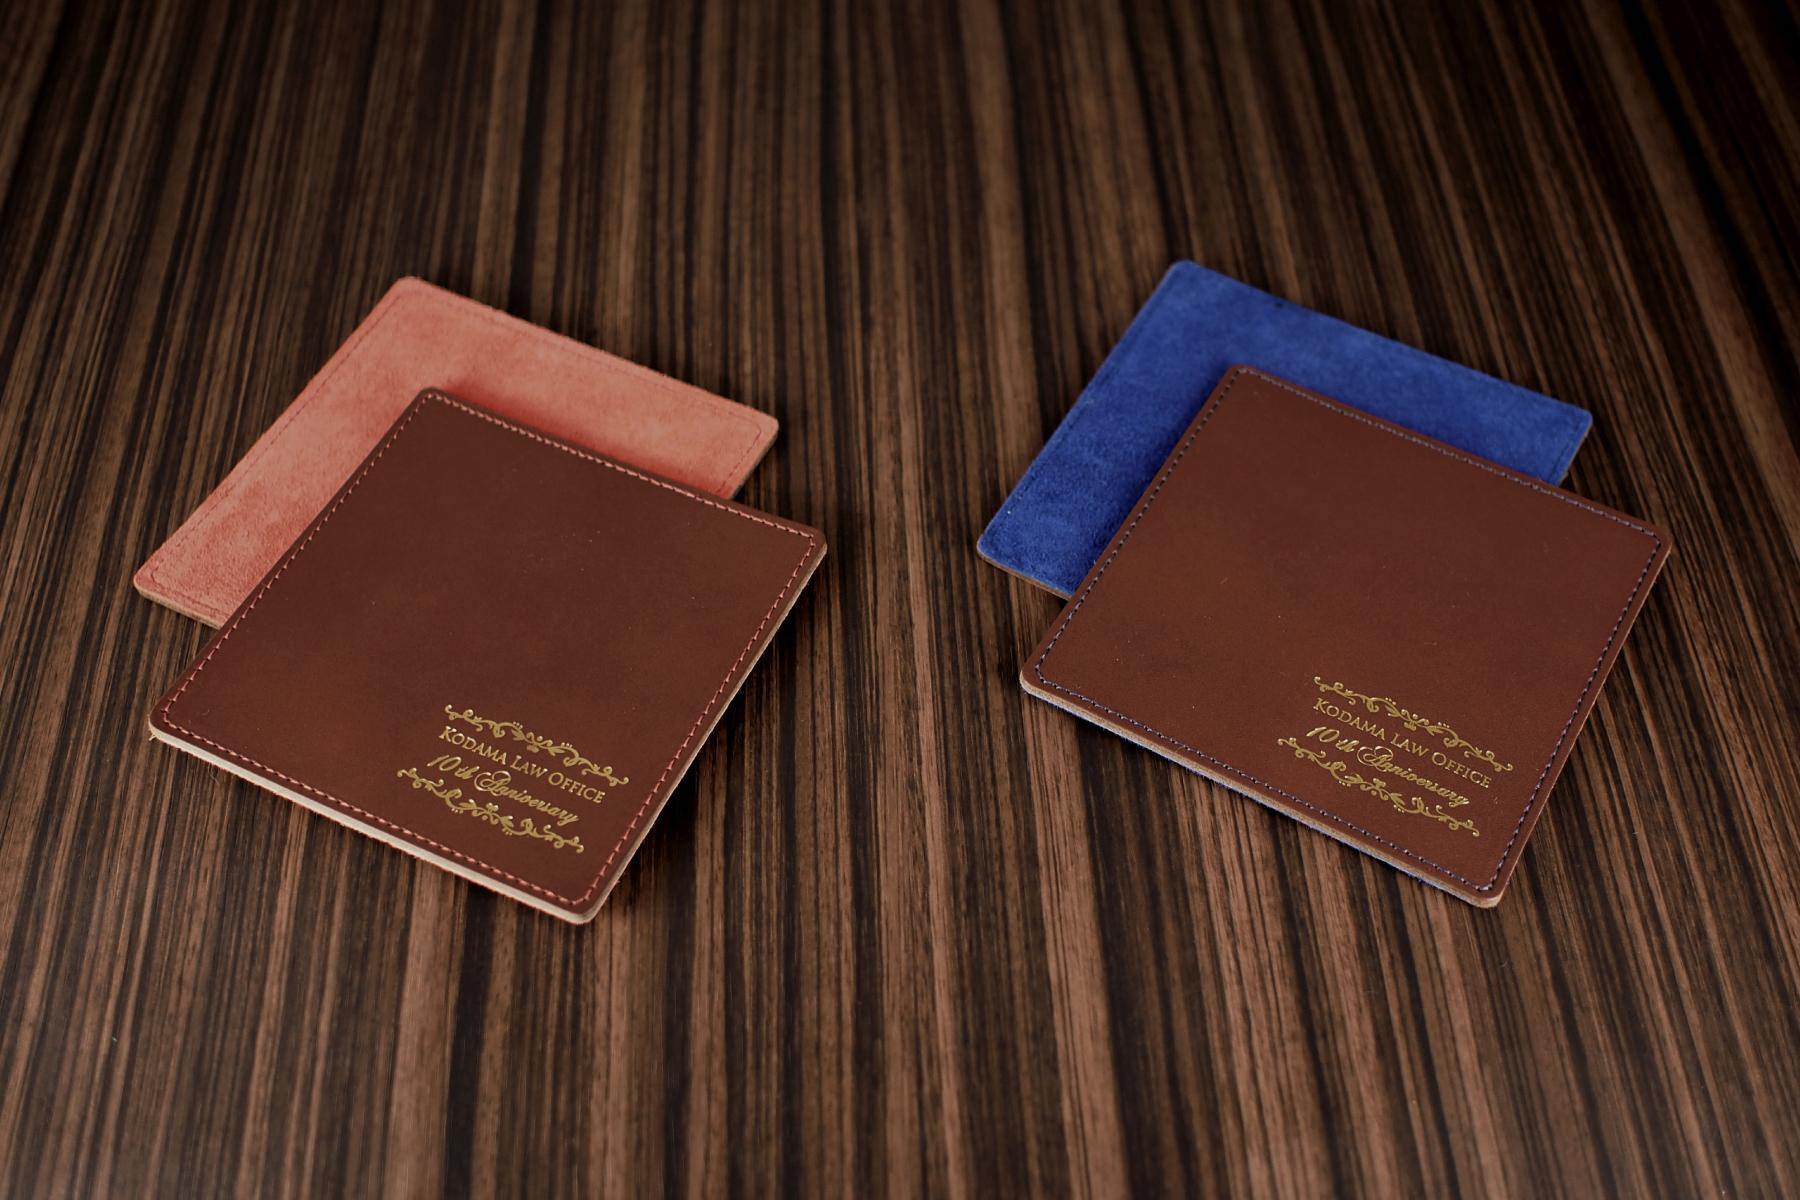 レザーコースター1枚を製品発売記念品として使用した例